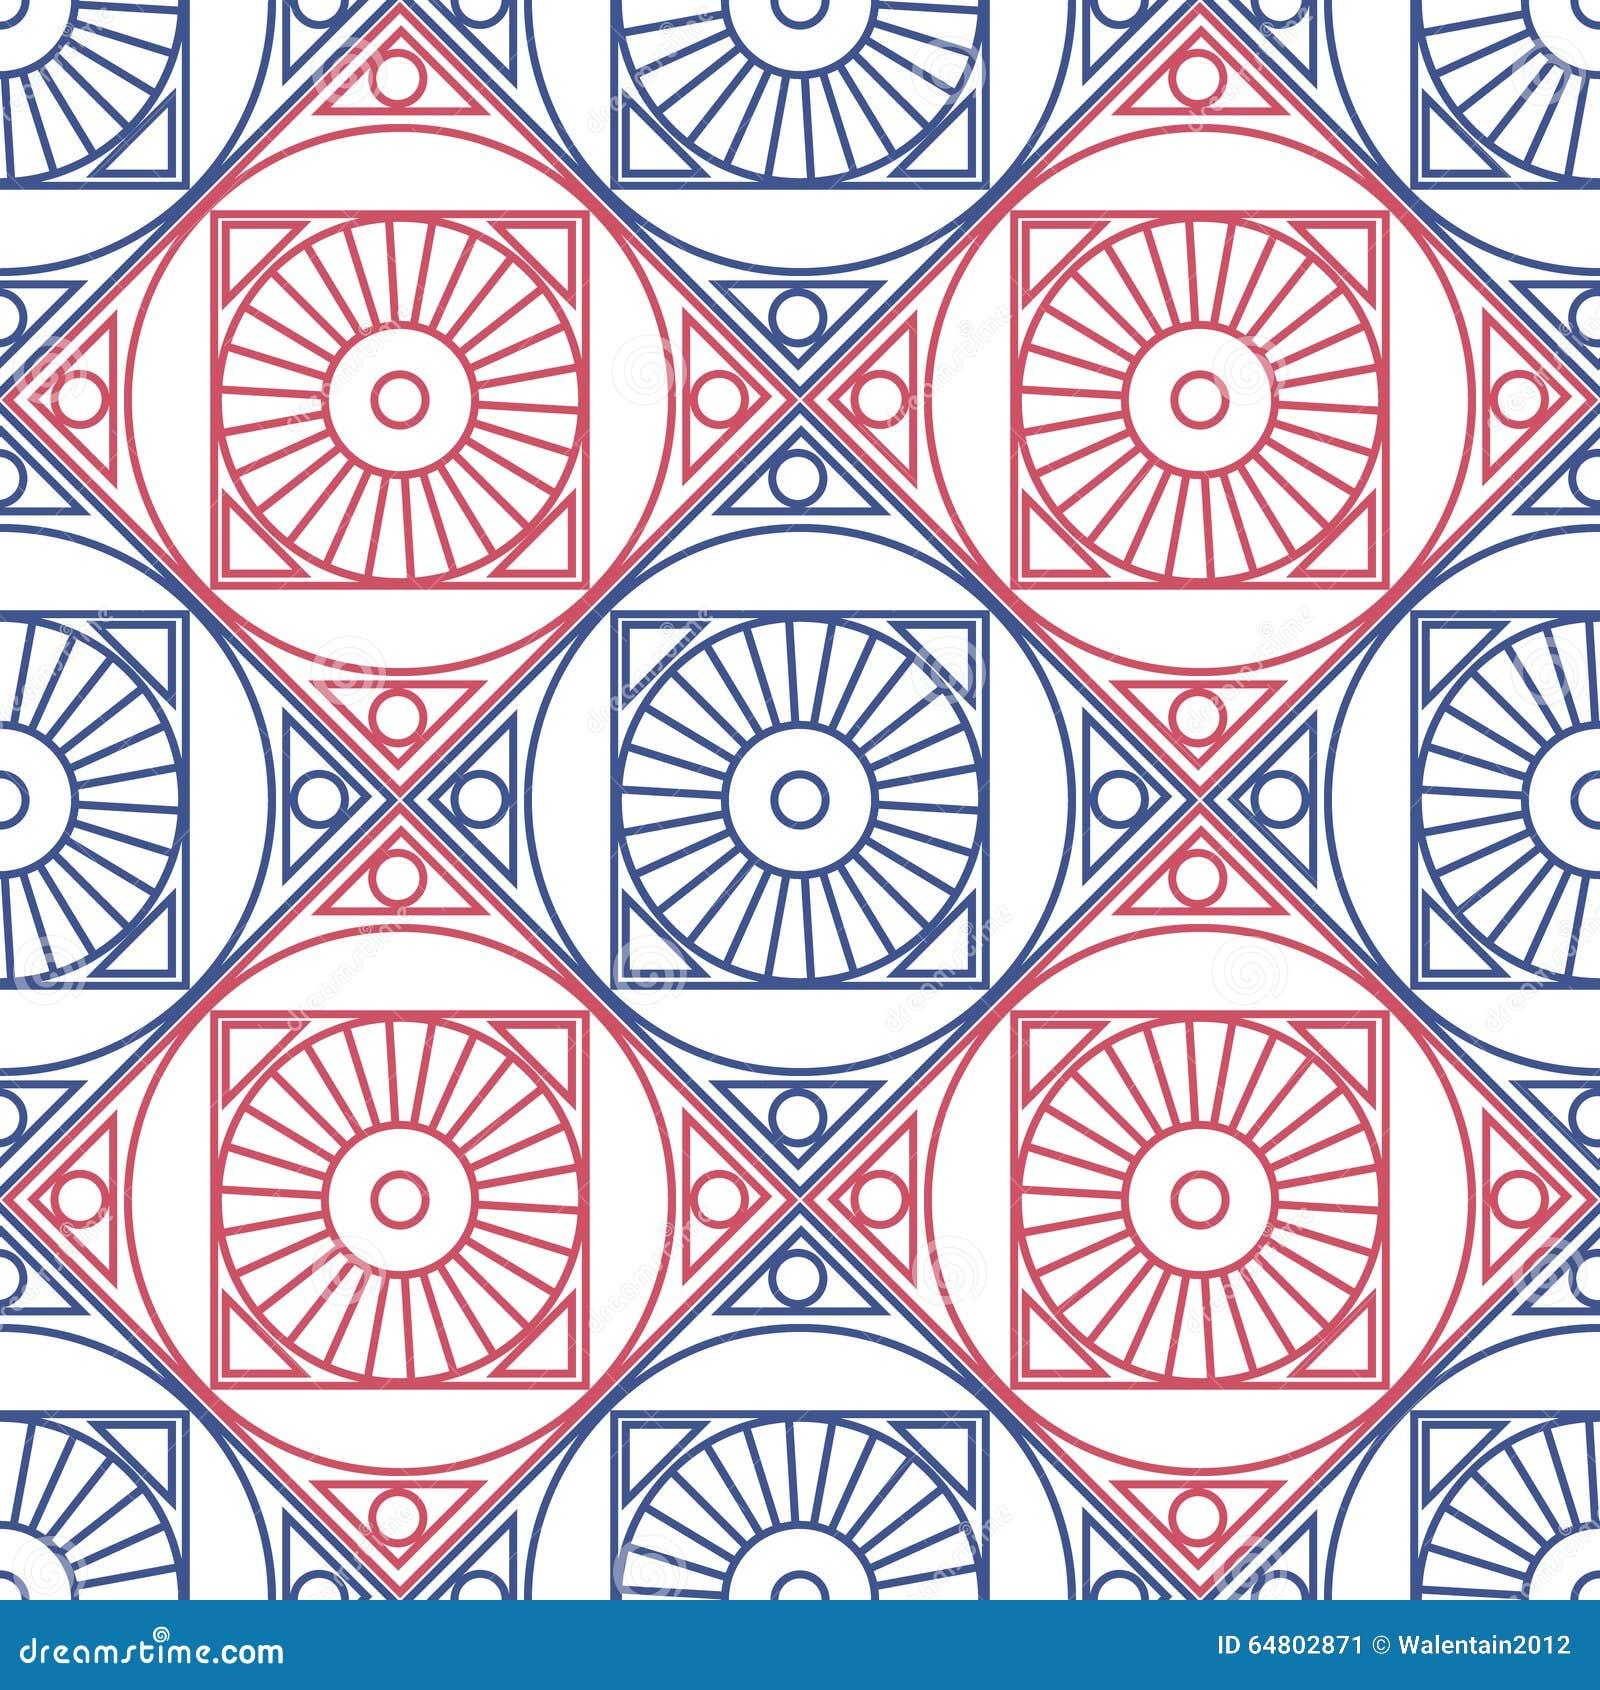 naadloos vectorpatroon symmetrische geometrische achtergrond met rode en blauwe ruit en cirkels op de witte achtergrond decoratief 64802871 - Behang Ruit